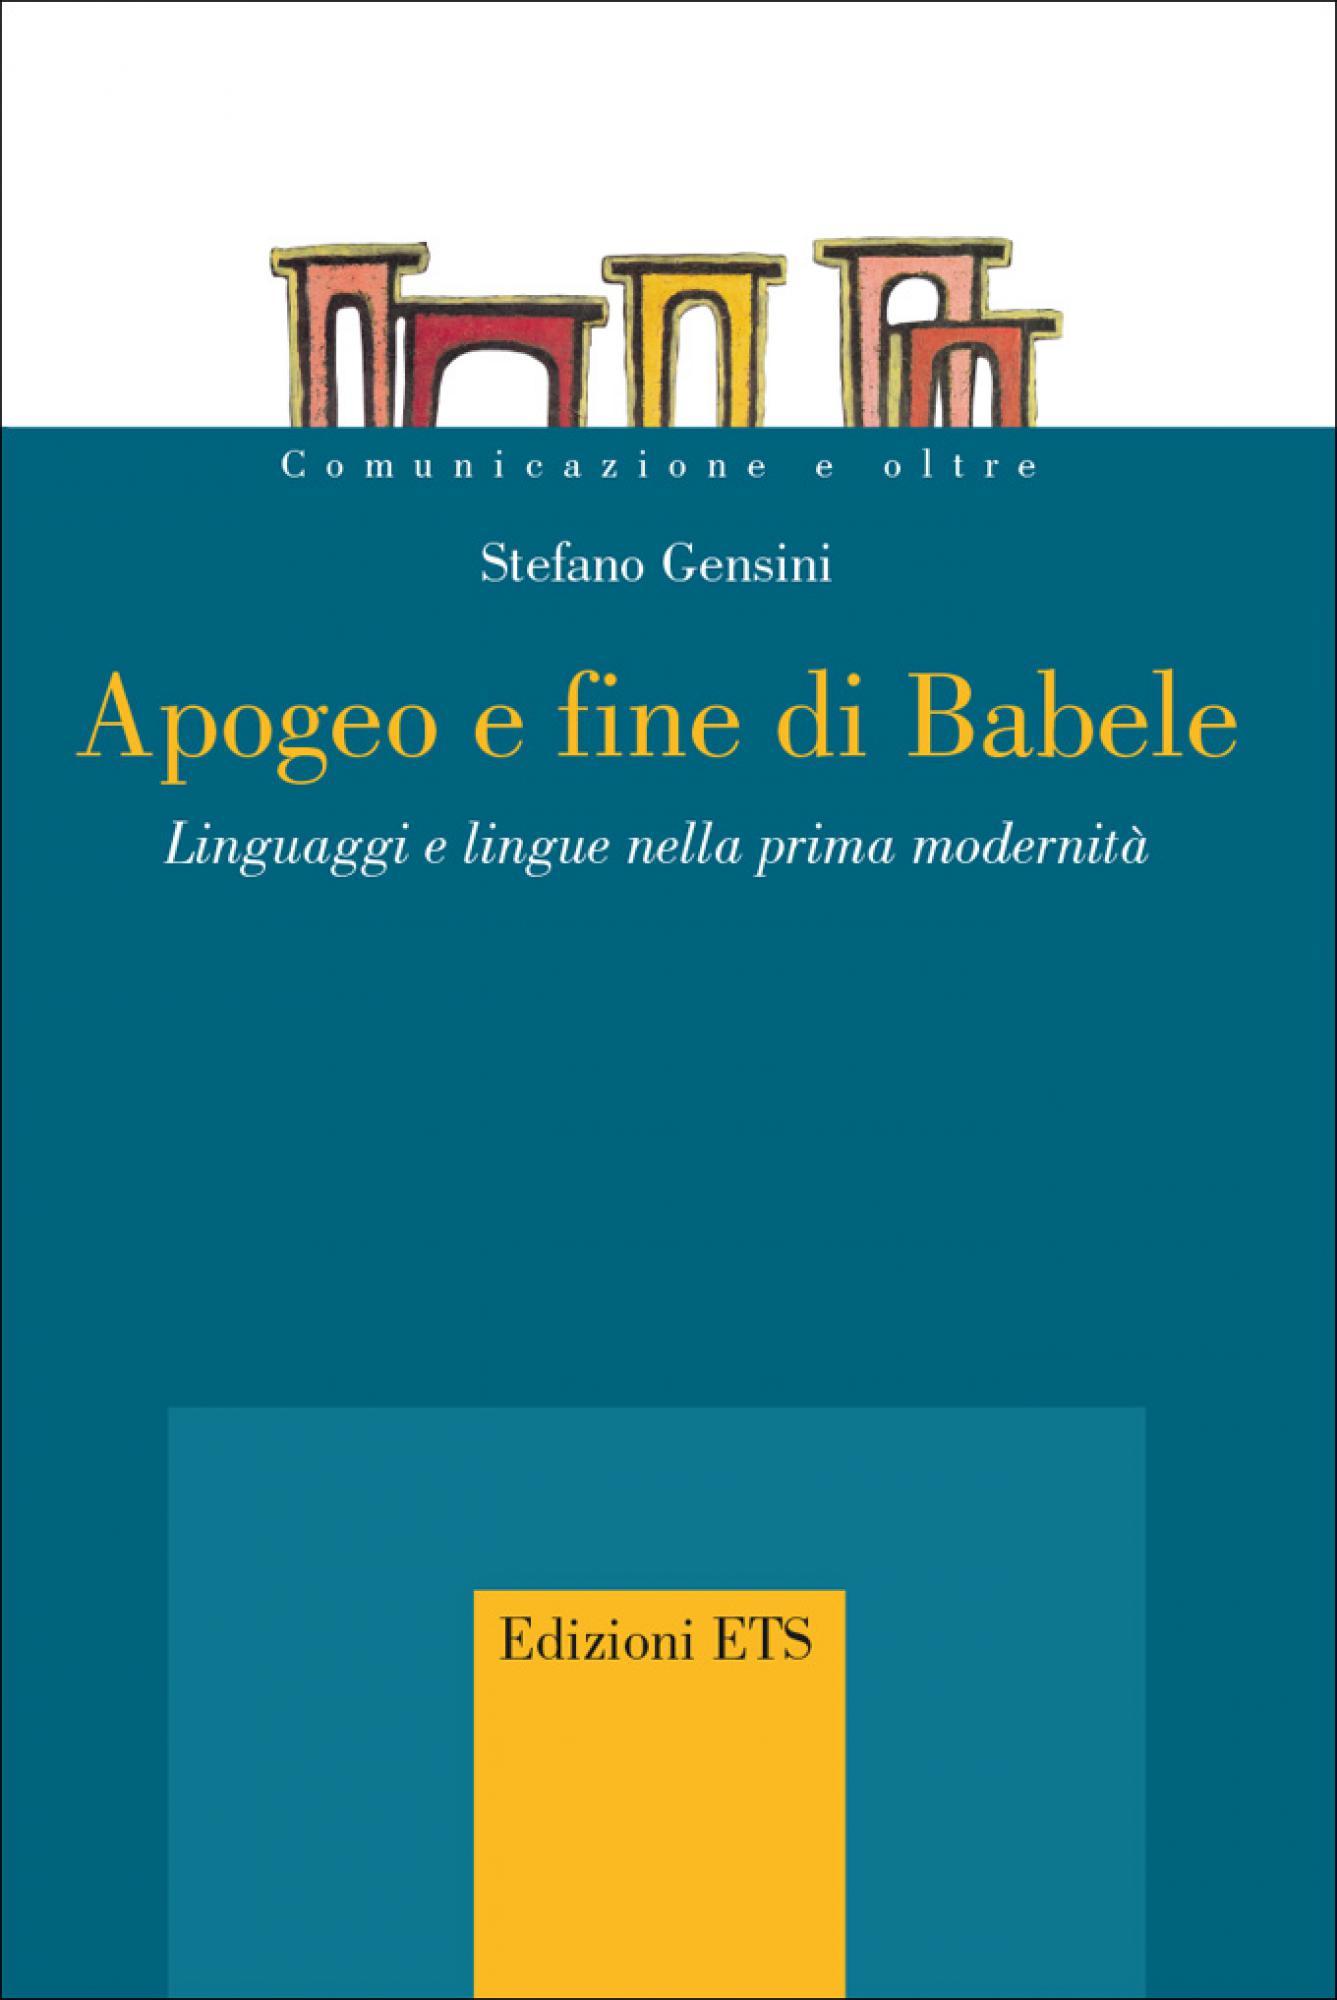 Apogeo e fine di Babele.Linguaggi e lingue nella prima modernità